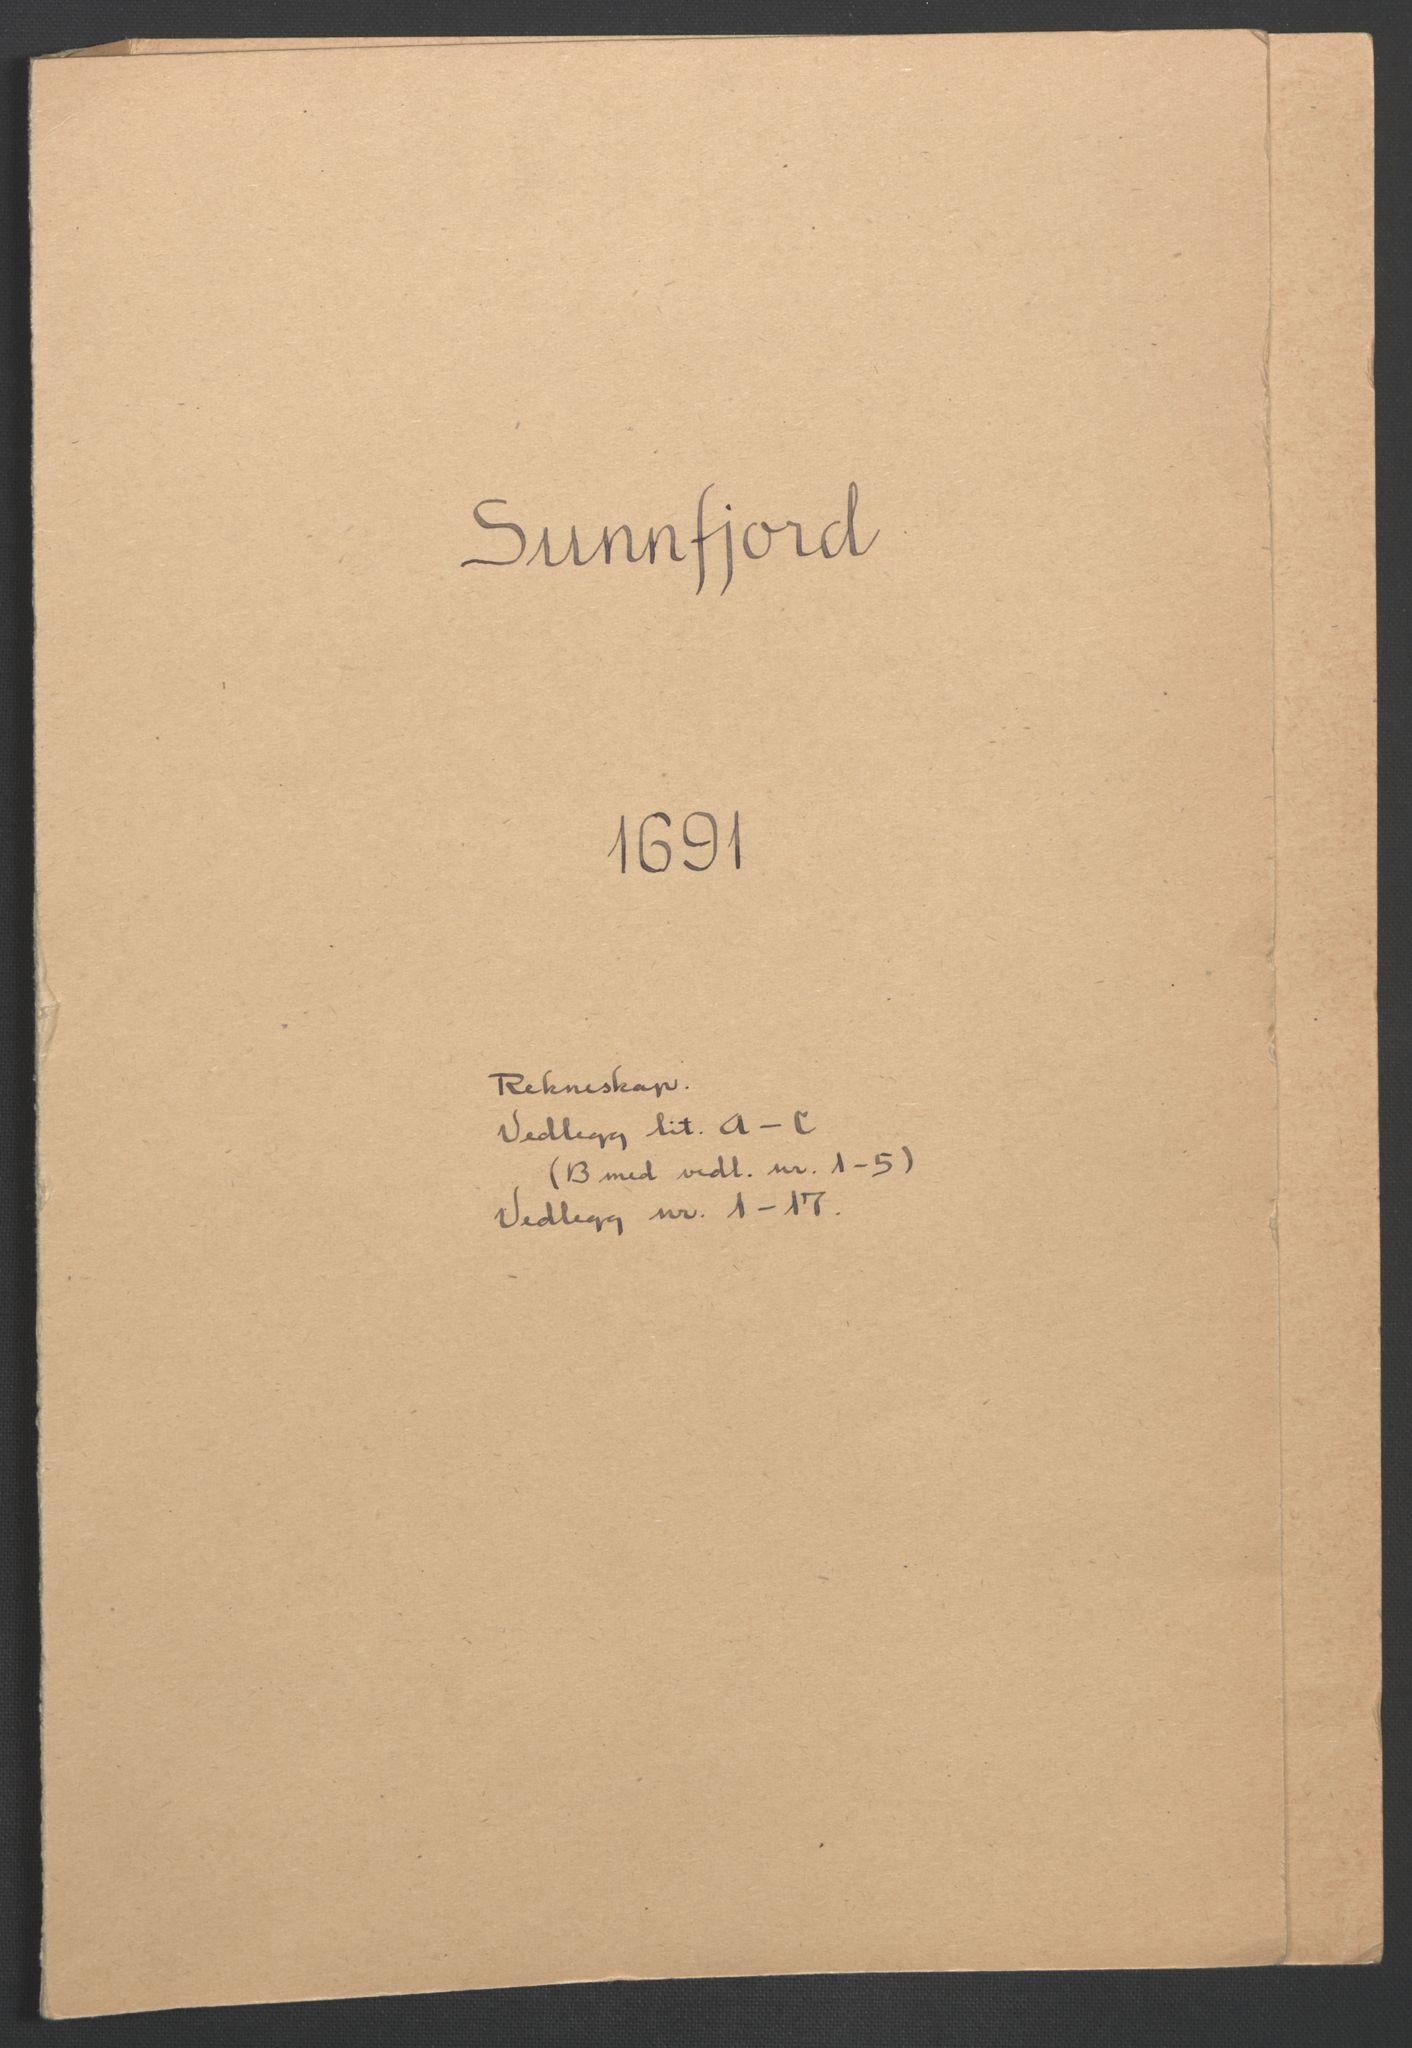 RA, Rentekammeret inntil 1814, Reviderte regnskaper, Fogderegnskap, R53/L3420: Fogderegnskap Sunn- og Nordfjord, 1691-1692, s. 2